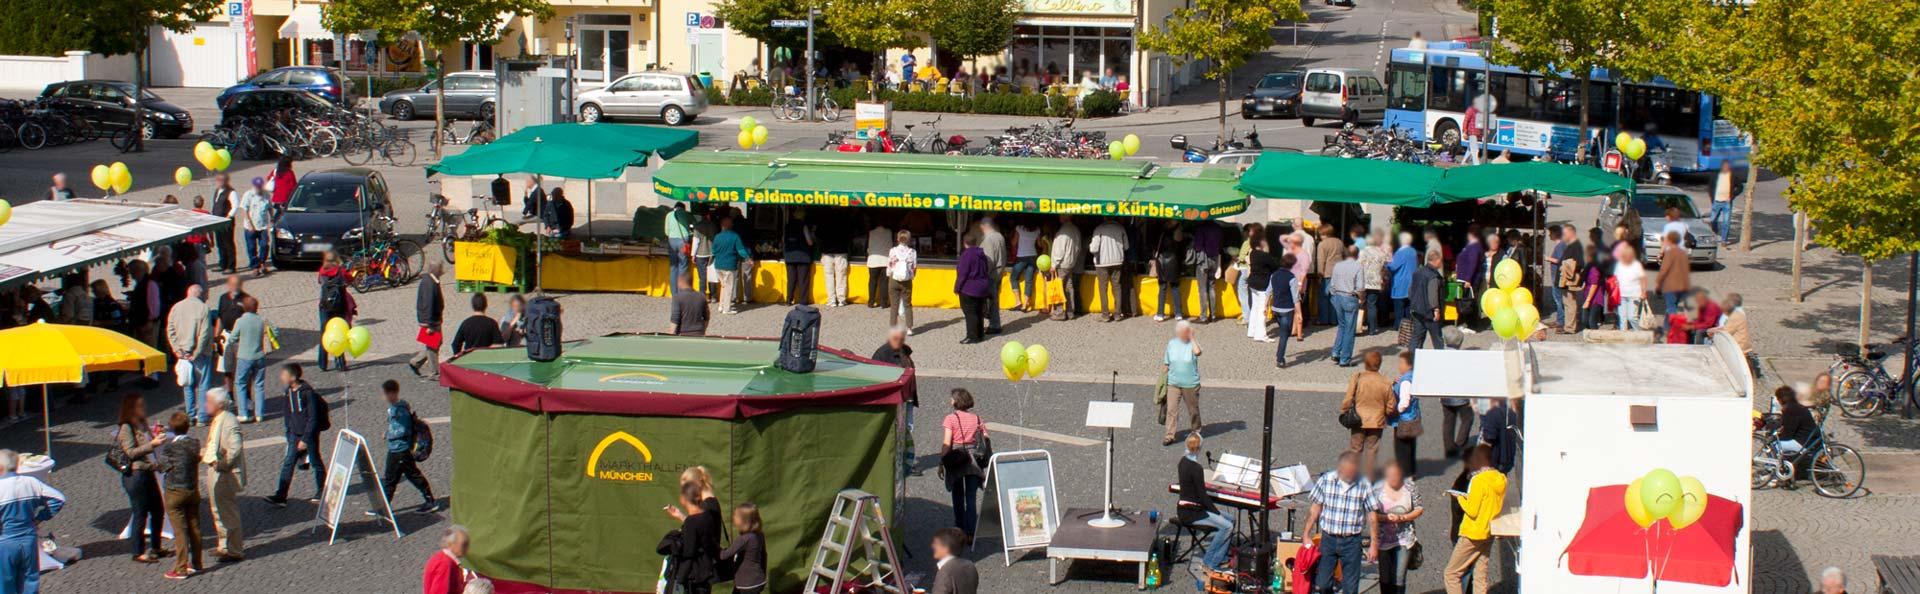 Wochenmarkt-Feldmoching